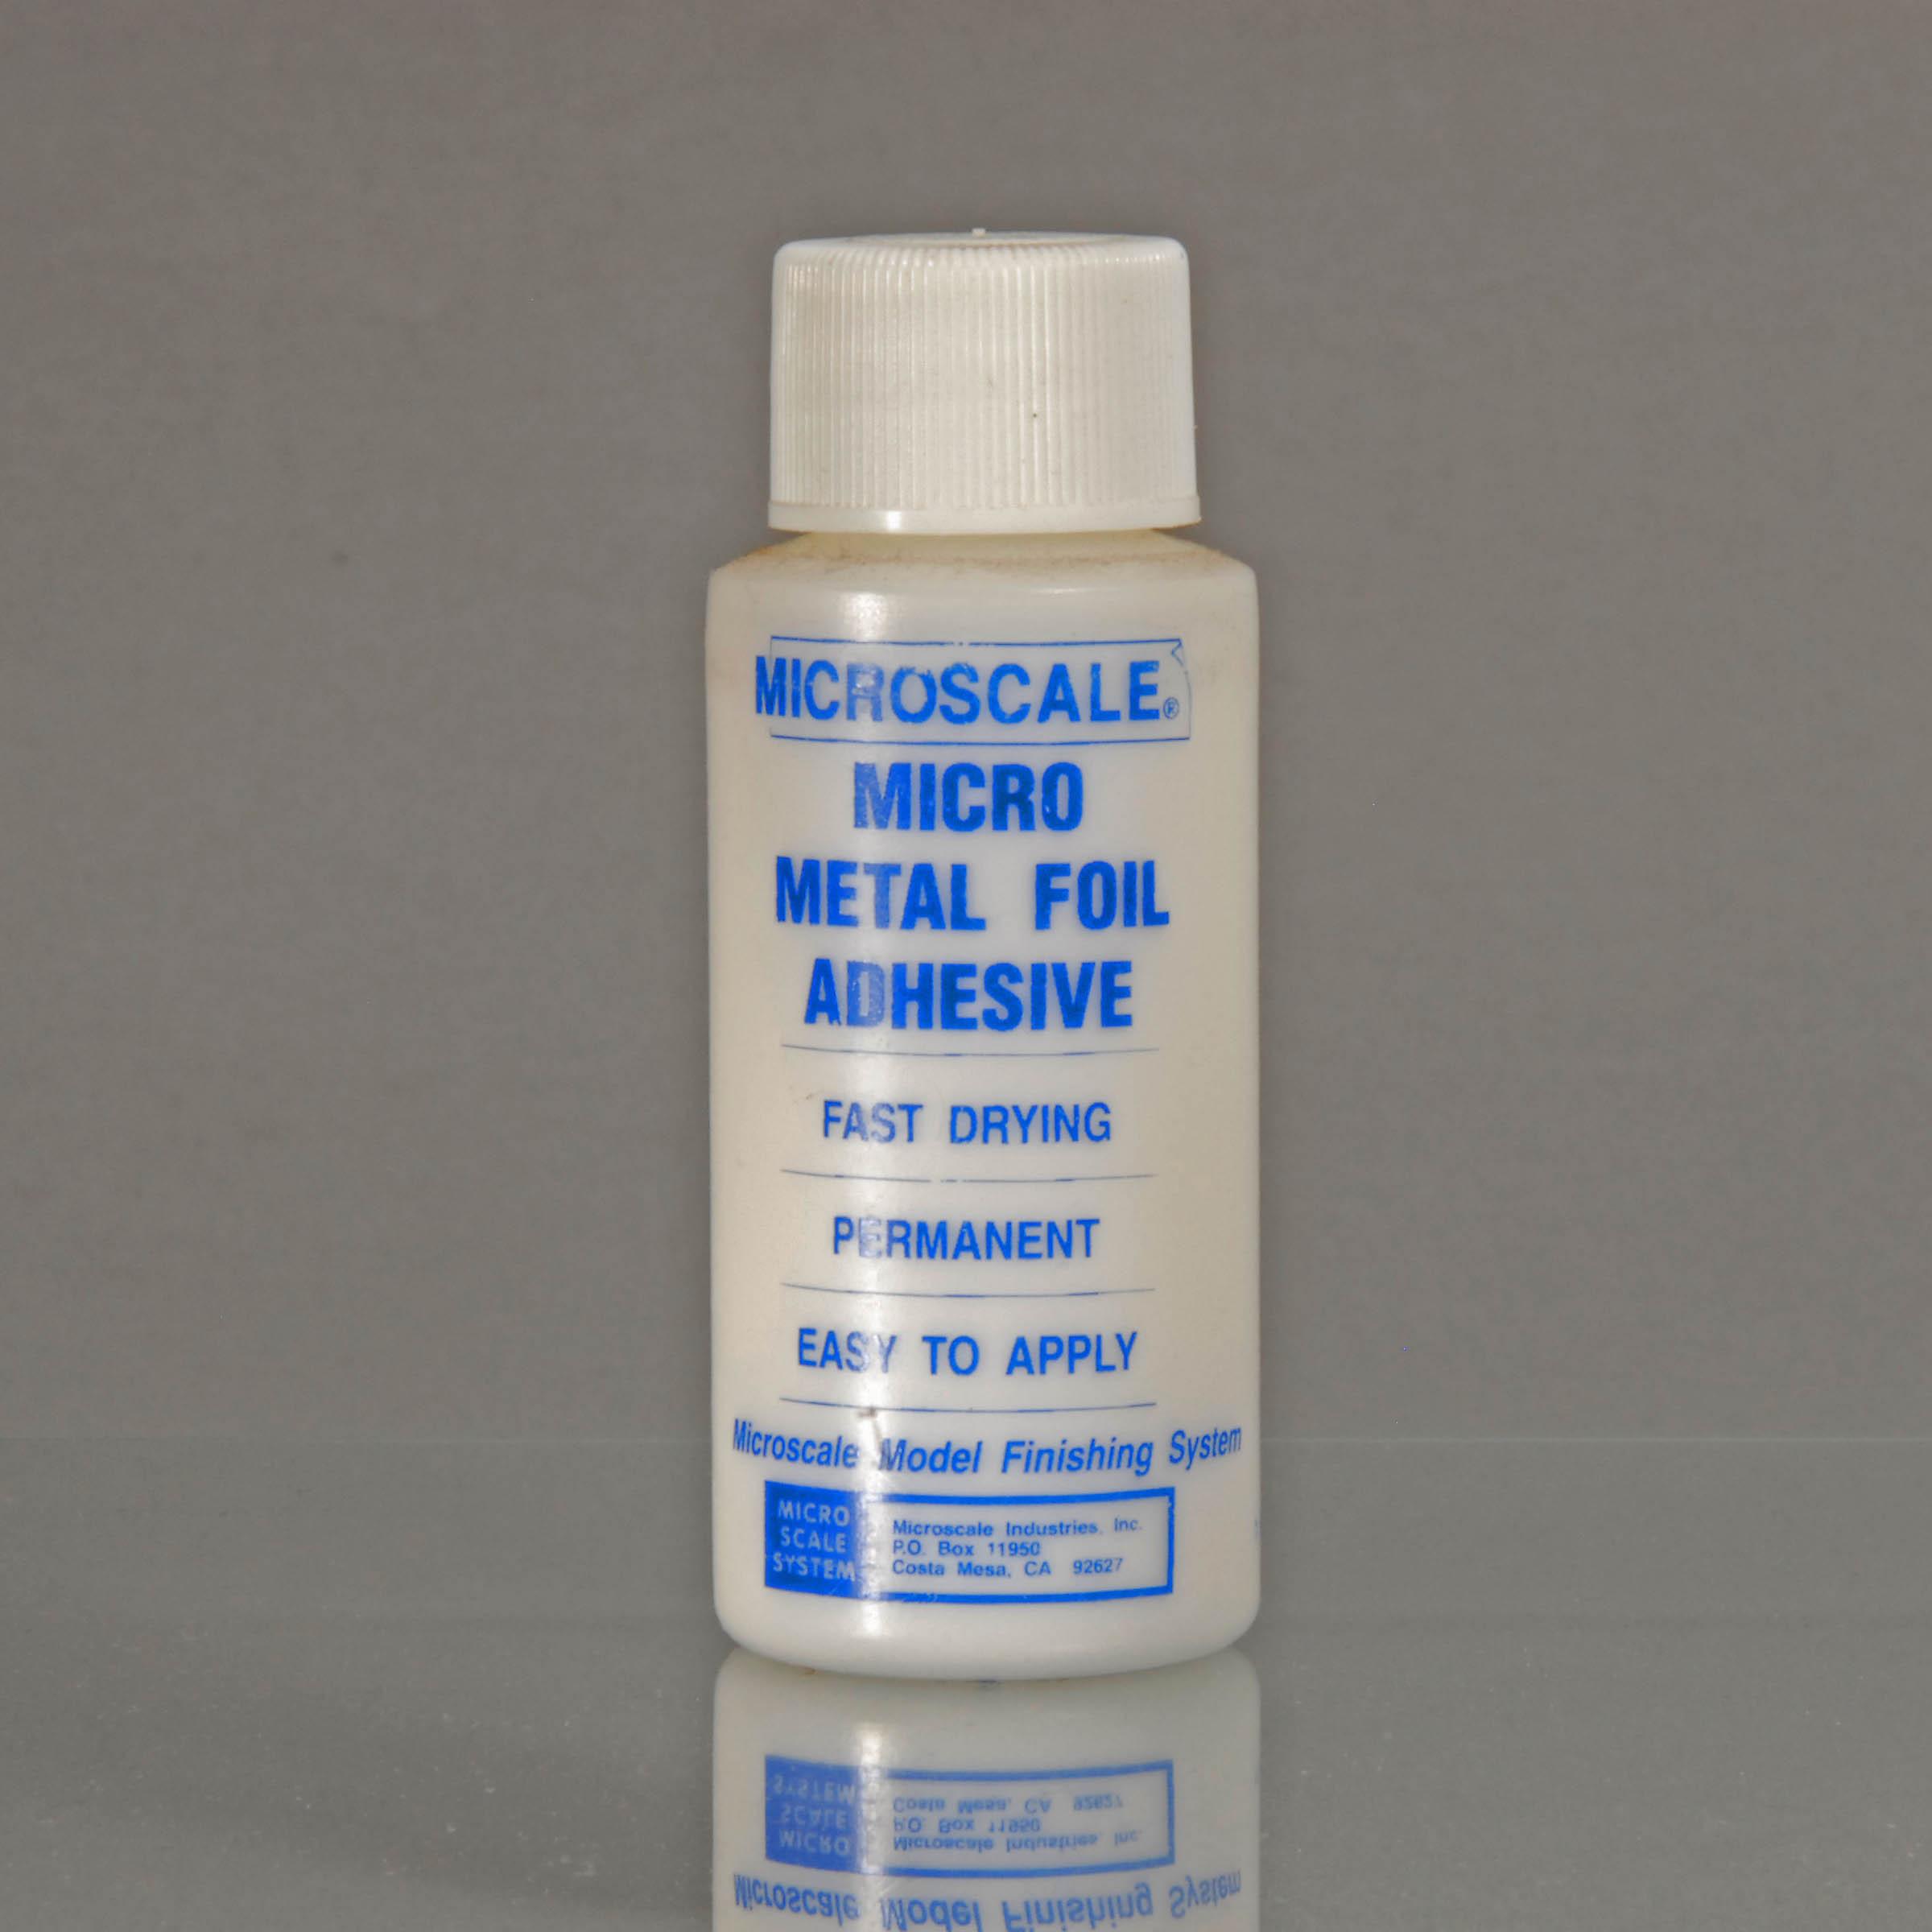 Micro Metal Foil Adhesive